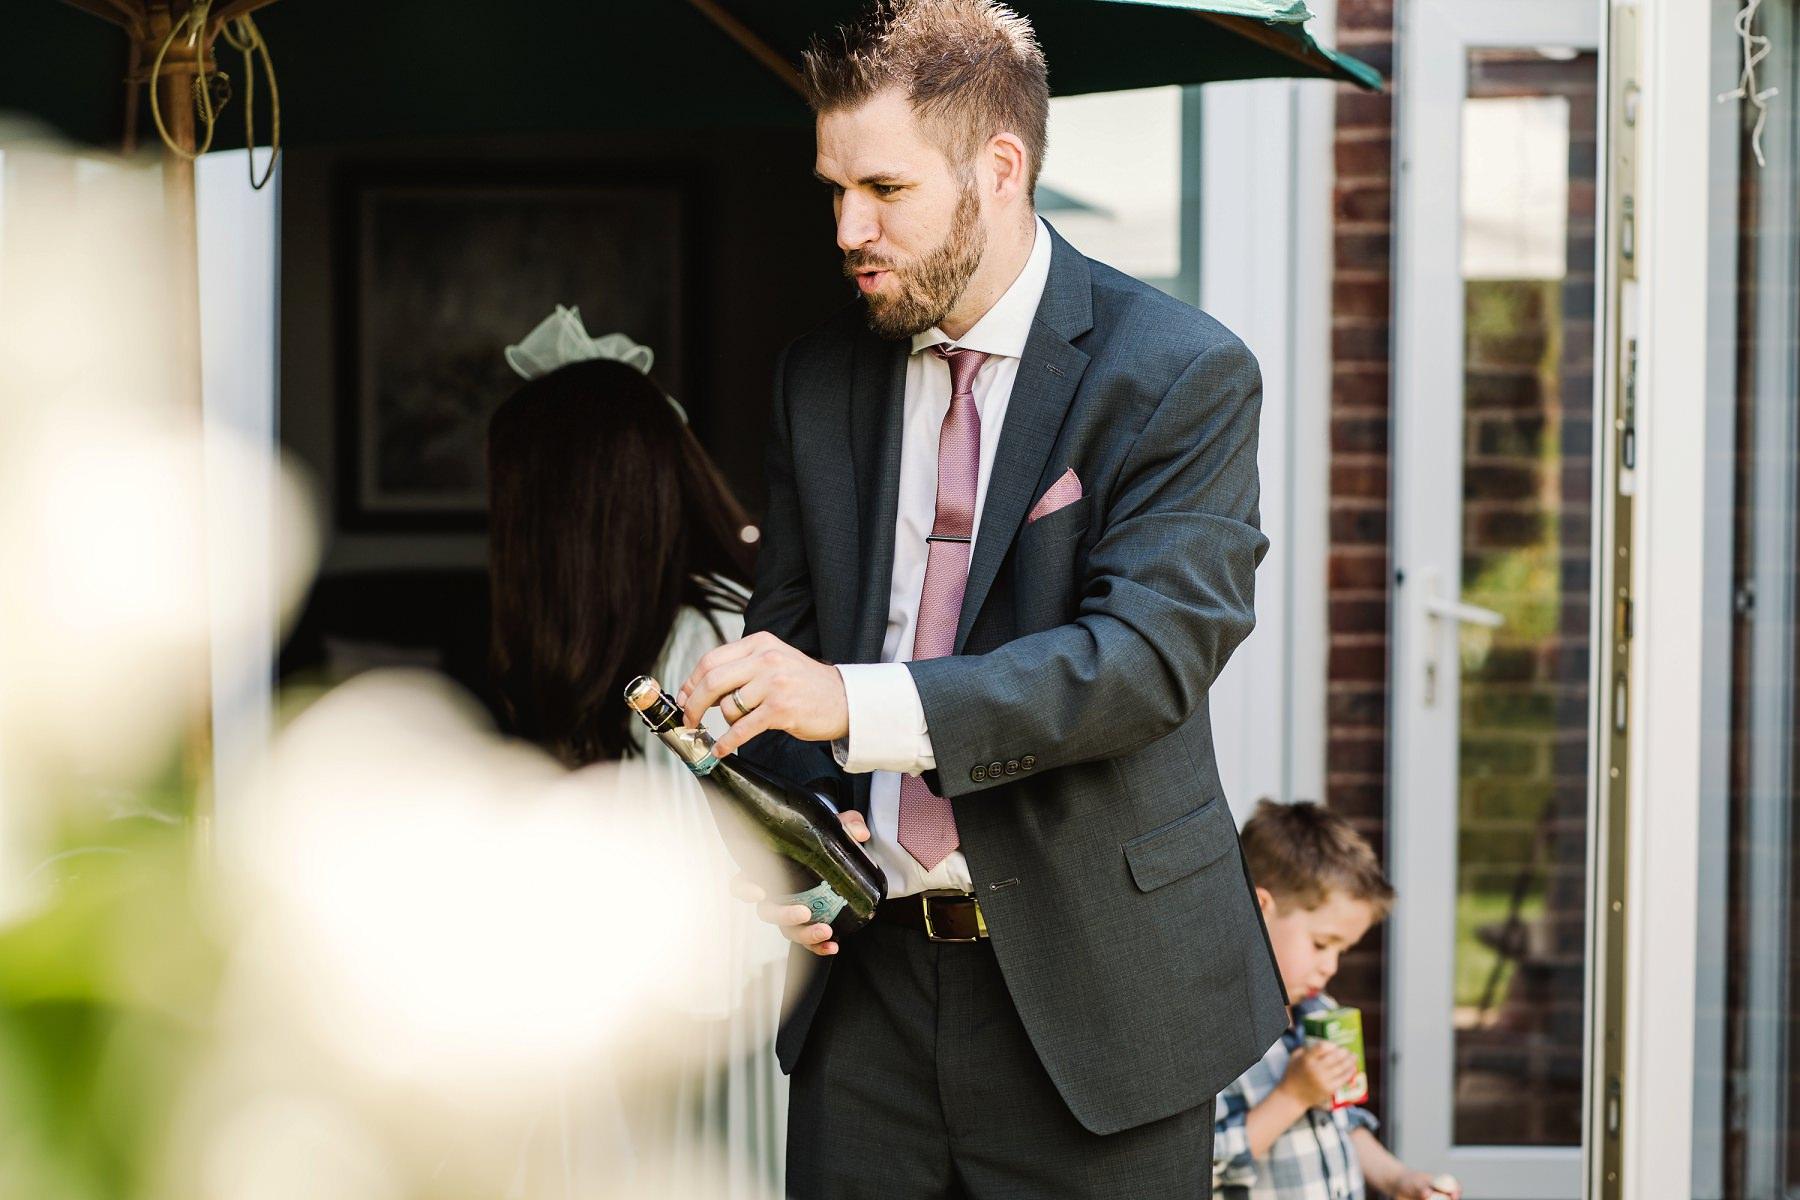 danny_alex_wedding_tease_0068.jpg